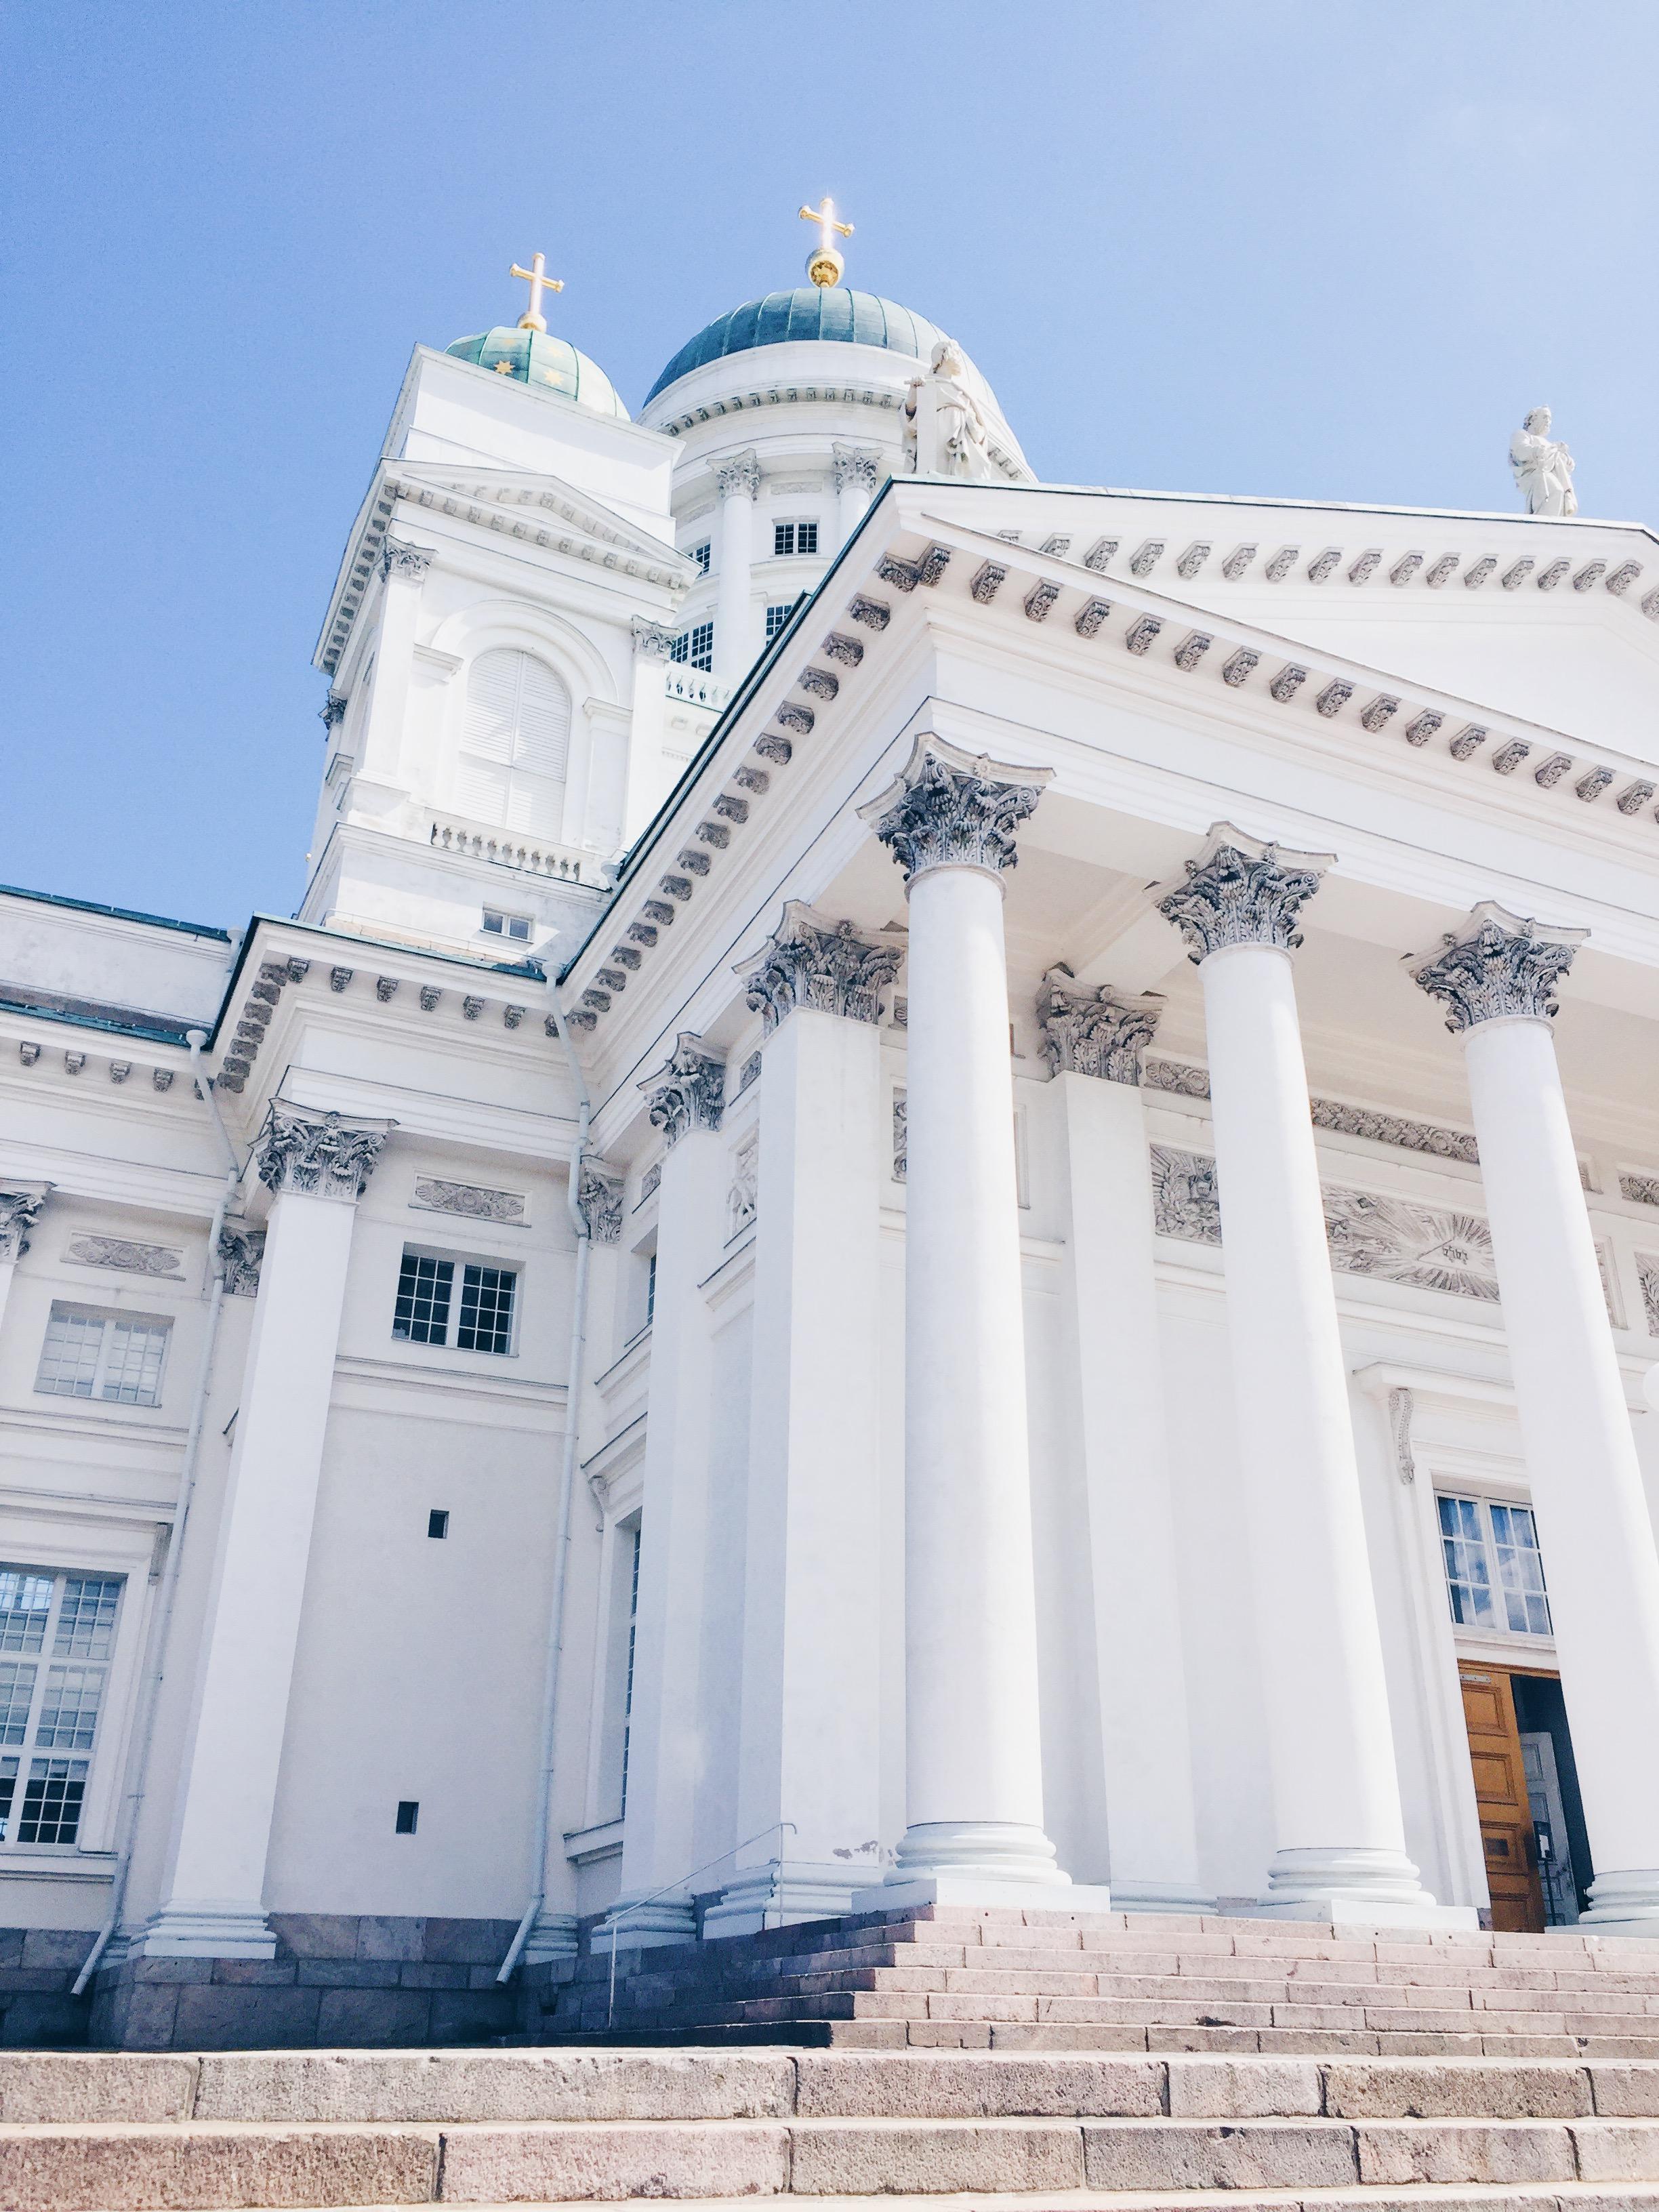 Helsingin tuomiokirkko, Helsinki Cathedral